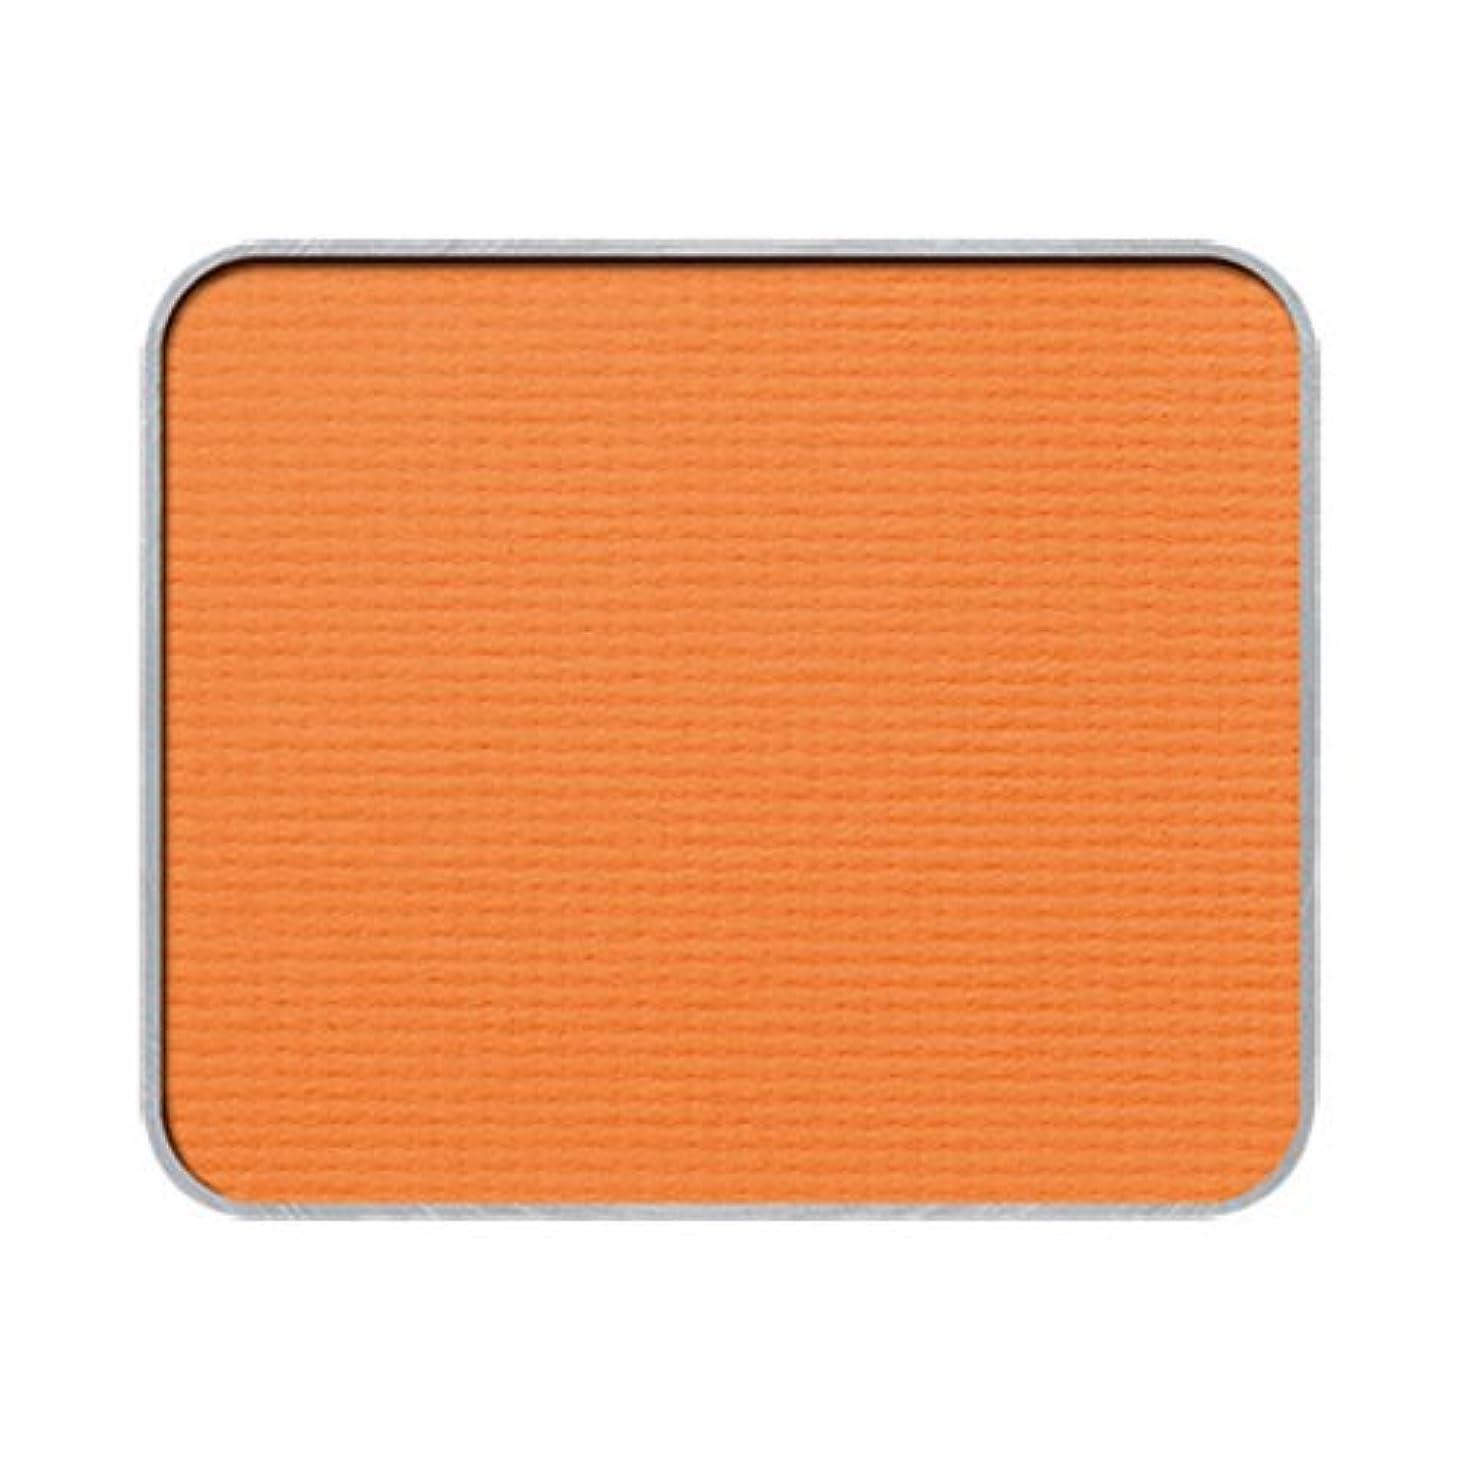 背の高いクリーク宿題プレスド アイシャドー (レフィル) M オレンジ 250